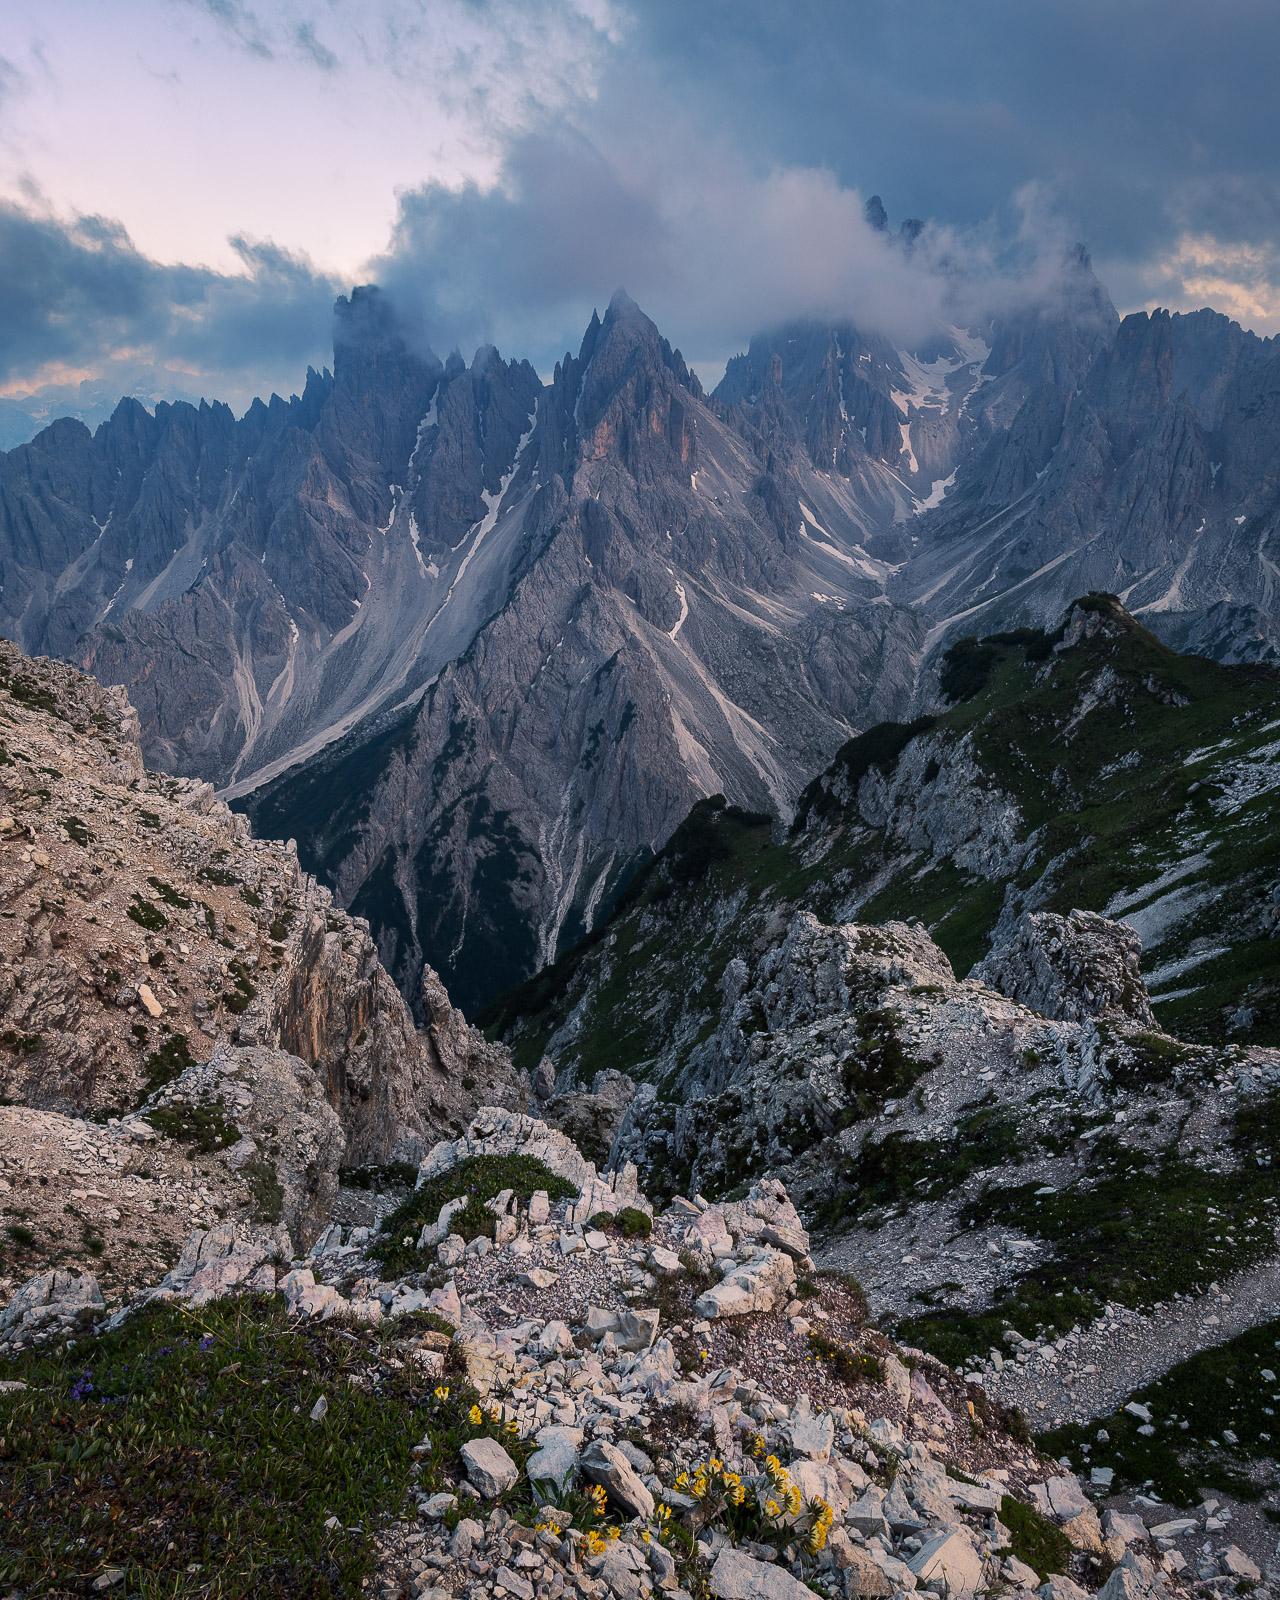 Berge in den Dolomiten (Italien) - Stefan Schäfer Landschaftsfotograf